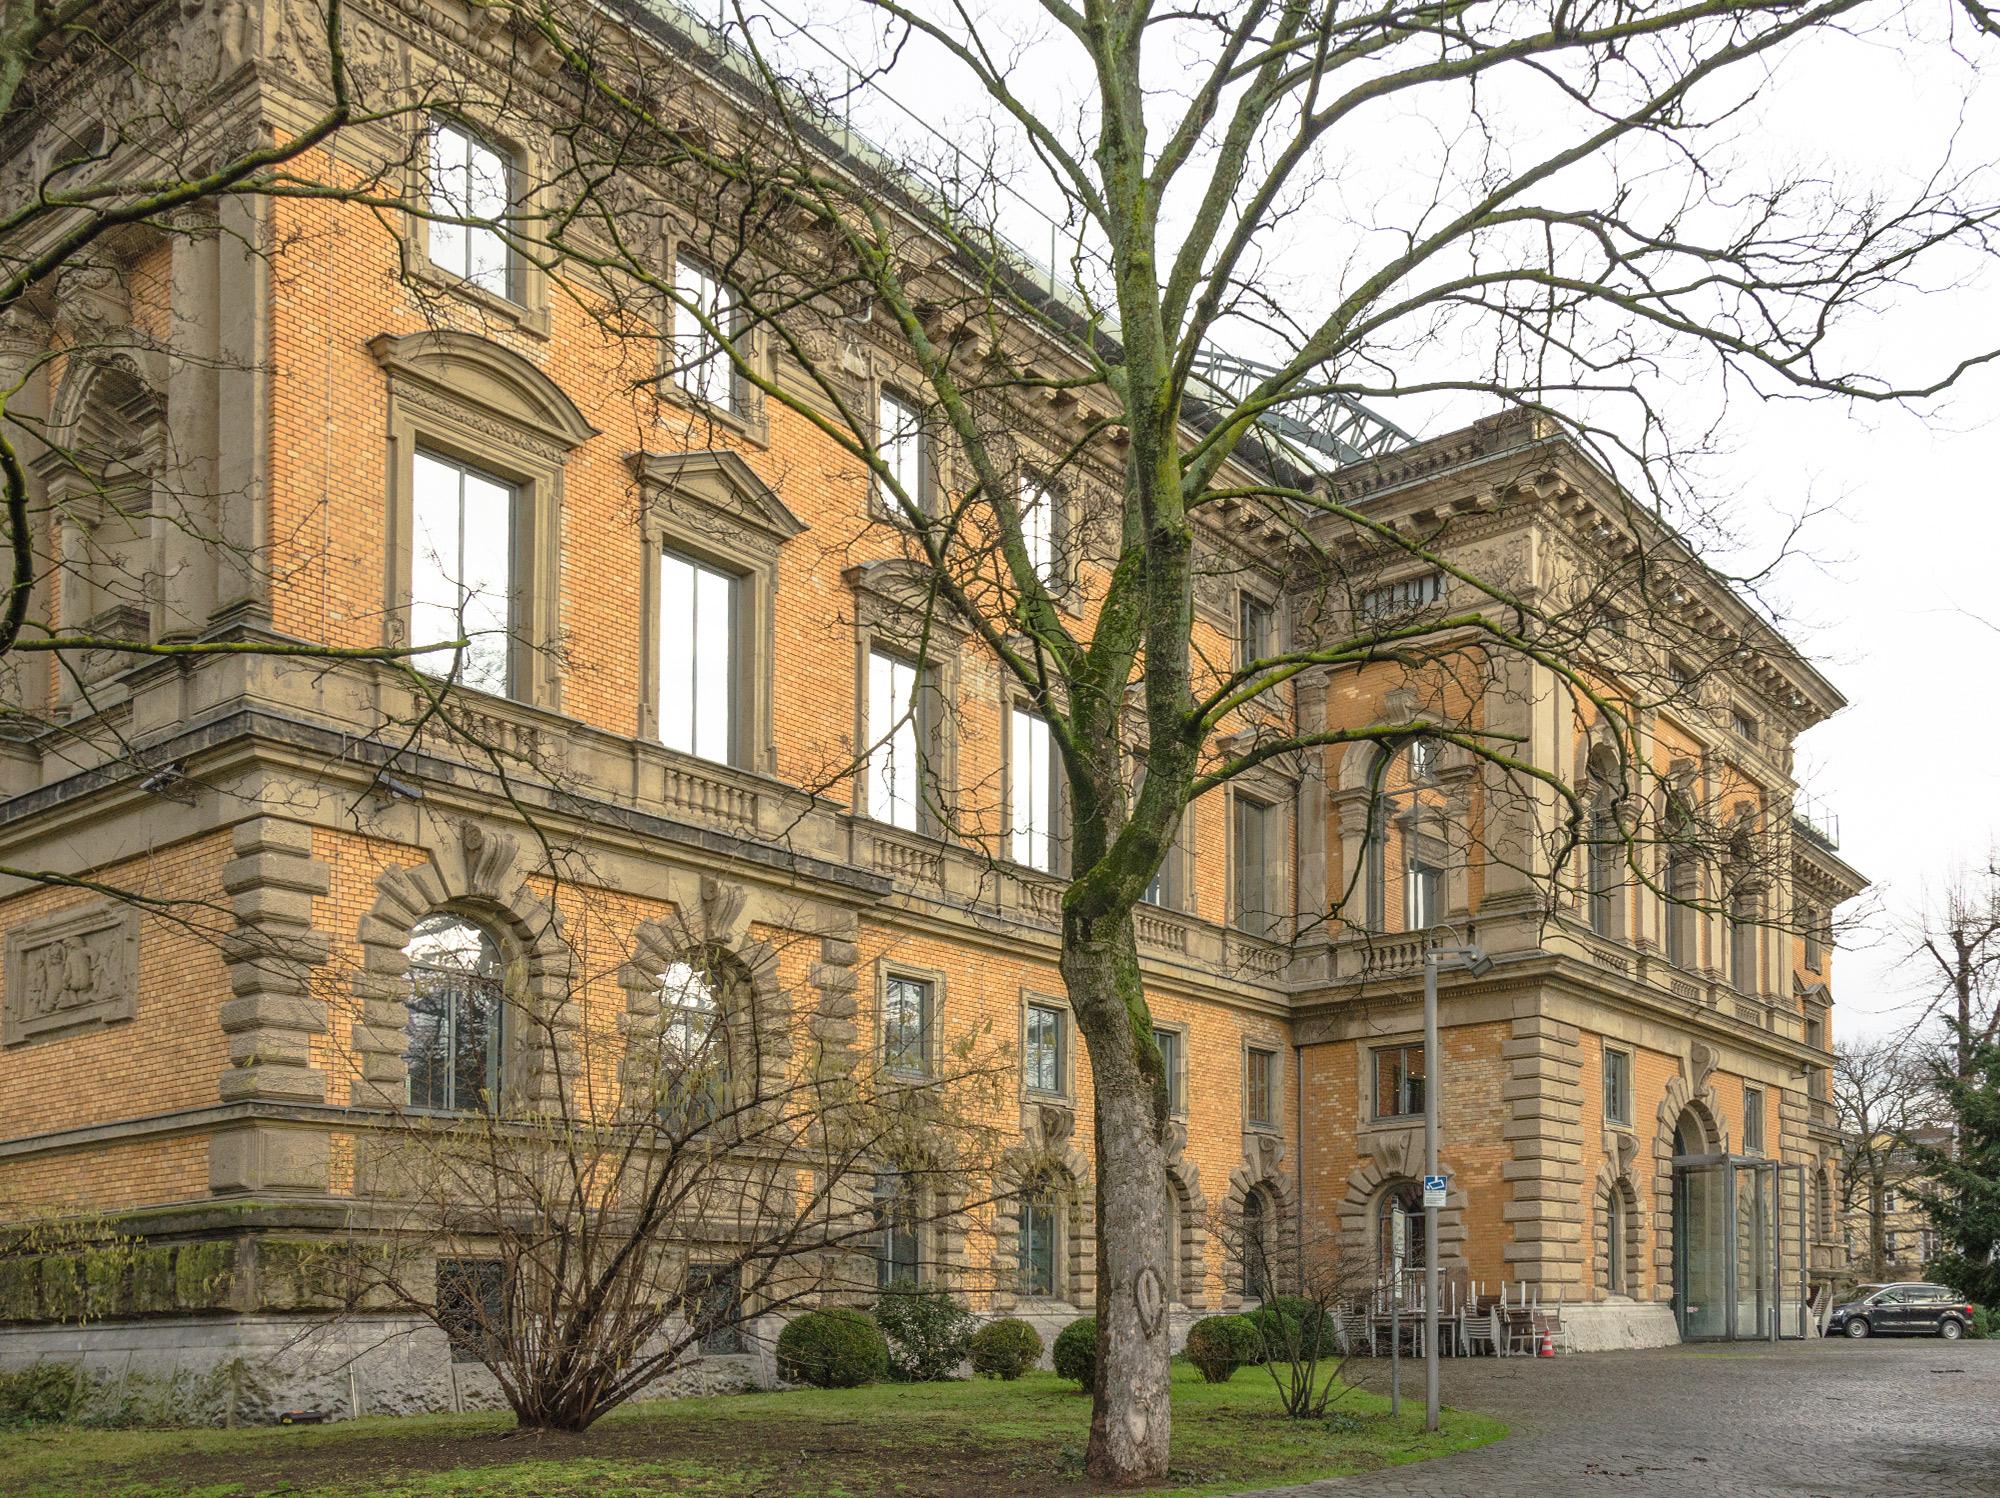 K 21, Ständehaus, Düsseldorf